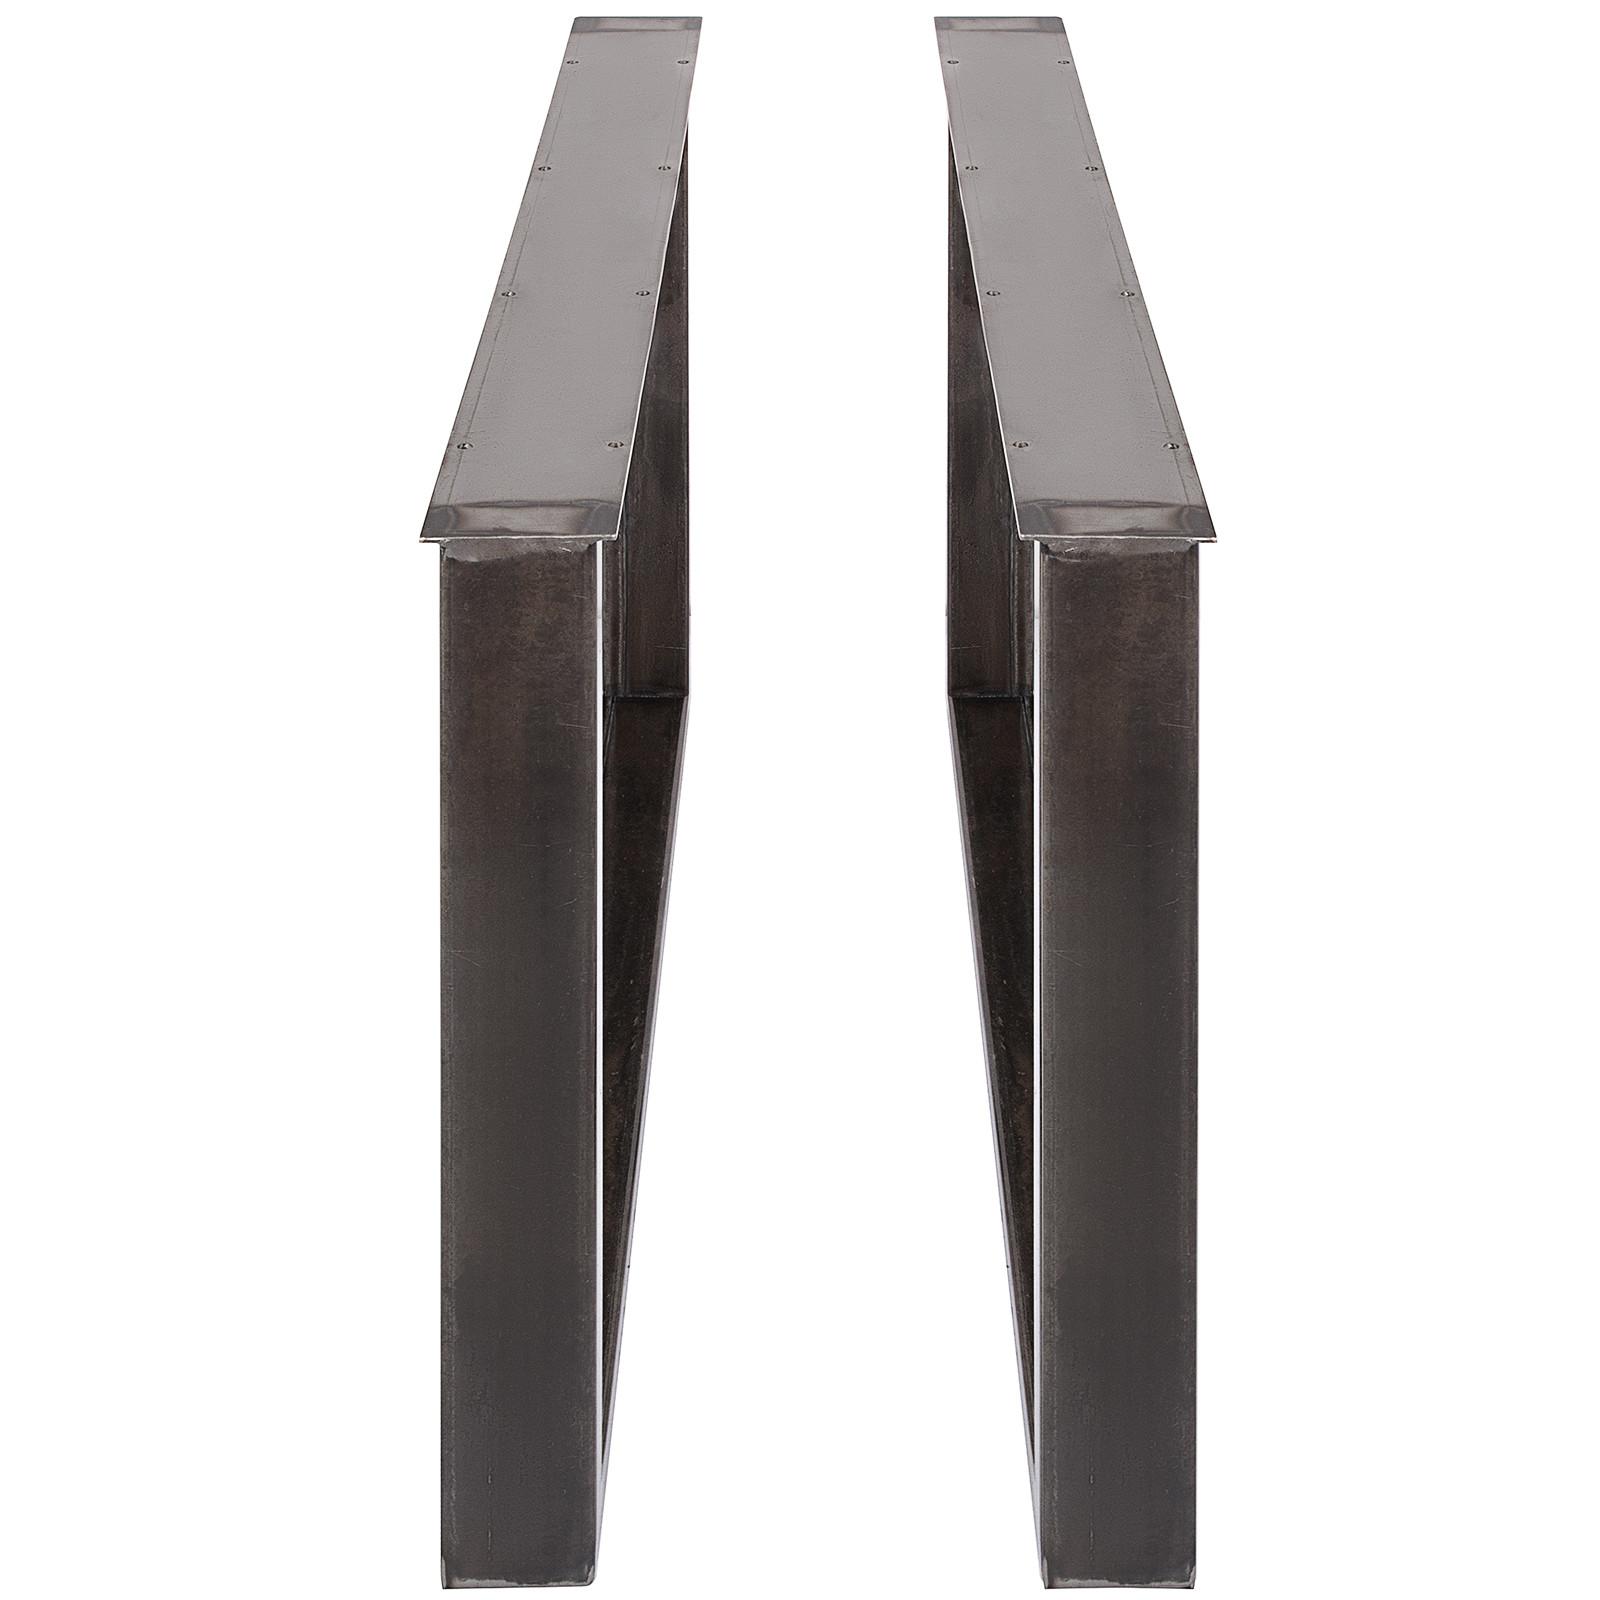 2x-Gambe-per-tavolo-piedi-tavolo-72X-100-CM-Salotto-Cucina-stile-industriale miniatura 5